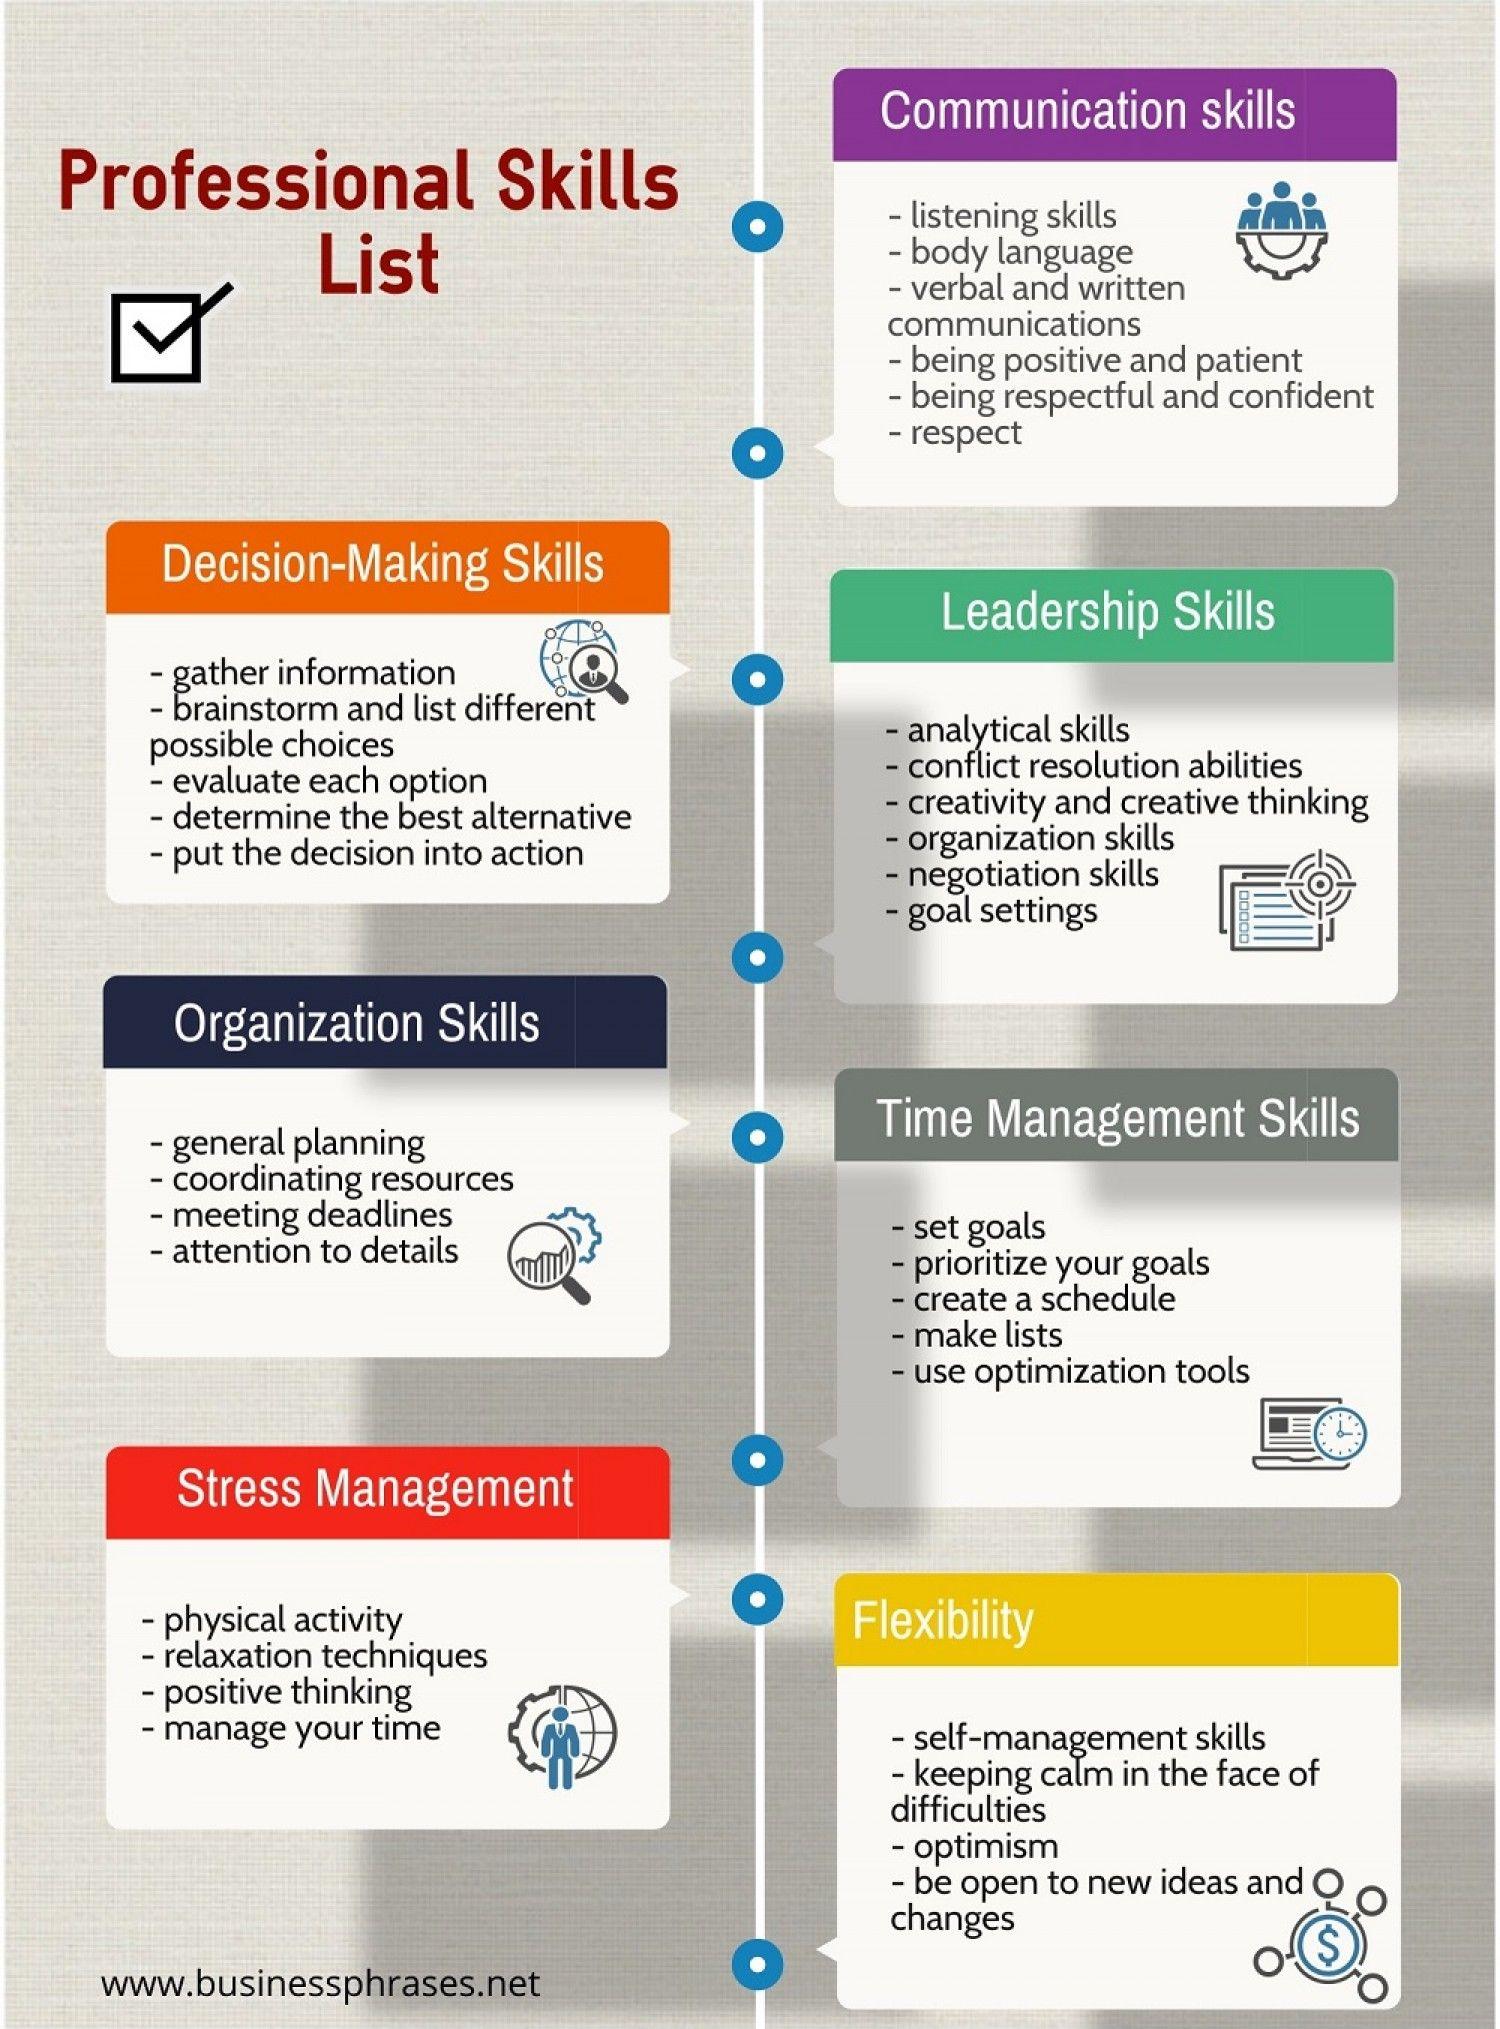 Professional Skills List List Of Skills Skills Leadership Skills